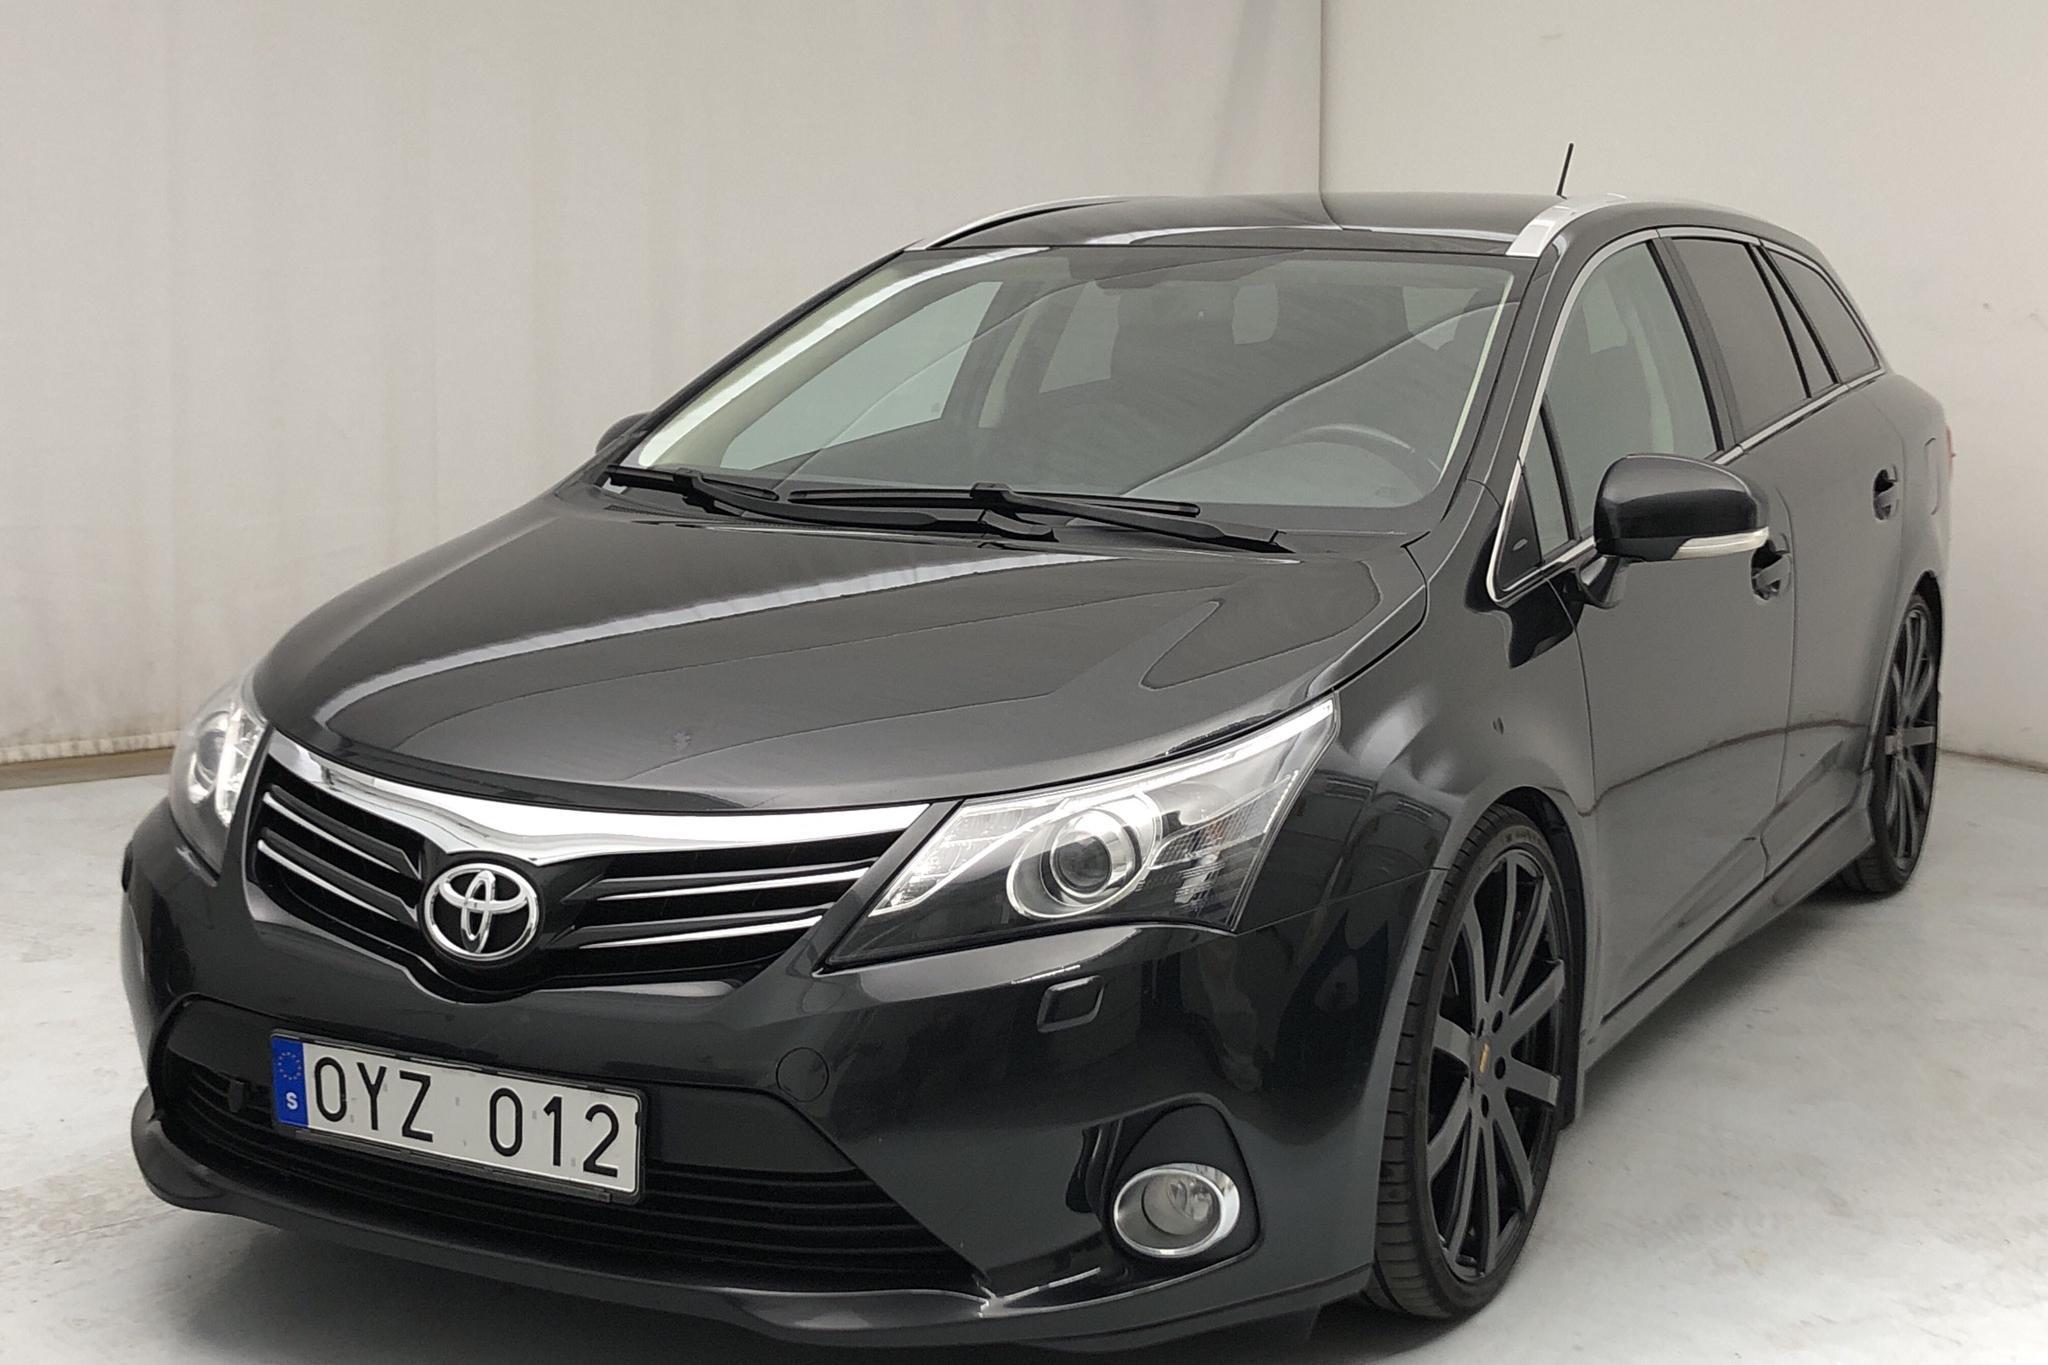 Toyota Avensis 2.0 Kombi (152hk)